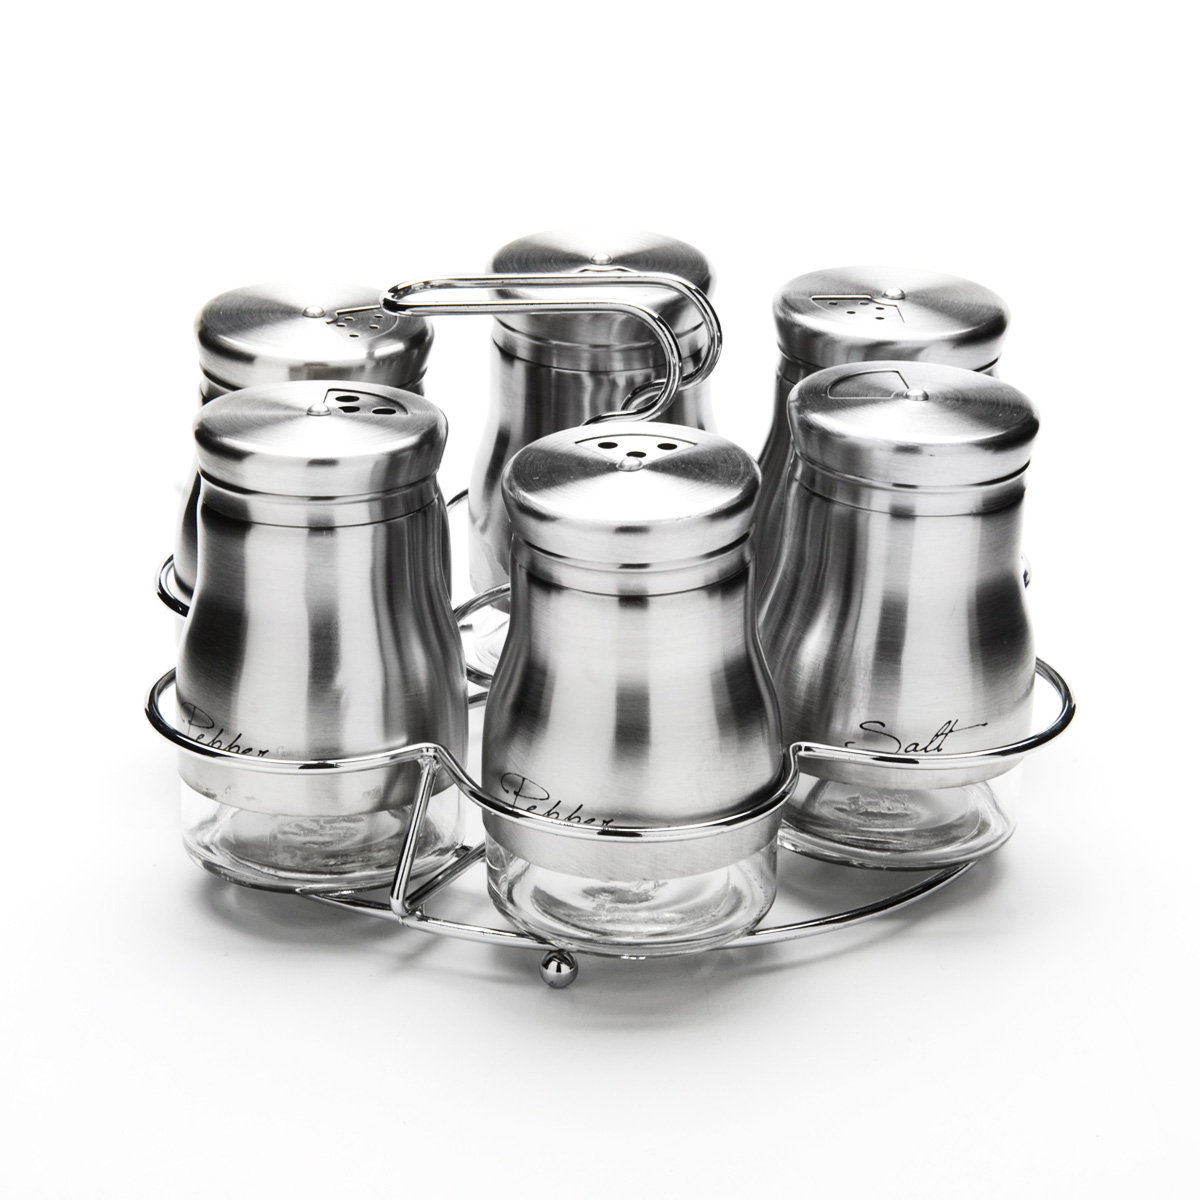 Набор для специй Mayer & Boch, на подставке, 7 предметовVT-1520(SR)Набор для специй Mayer & Boch состоит из шести баночек и подставки. Баночки выполнены из стекла и высококачественной нержавеющей стали, оснащены плотно закручивающимися крышками, которые имеют три варианта добавления специй: через мелкие, средние или крупные отверстия. Для баночек предусмотрена металлическая подставка с ручкой. Набор для специй Mayer & Boch стильно оформит интерьер кухни и станет незаменимым при приготовлении пищи. Компактный, не занимает много места и всегда будет под рукой. Диаметр баночки (по верхнему краю): 3,5 см. Высота баночки (с крышкой): 9 см. Объем баночки: 140 мл. Размер подставки: 17,5 см х 17,5 см х 12 см.